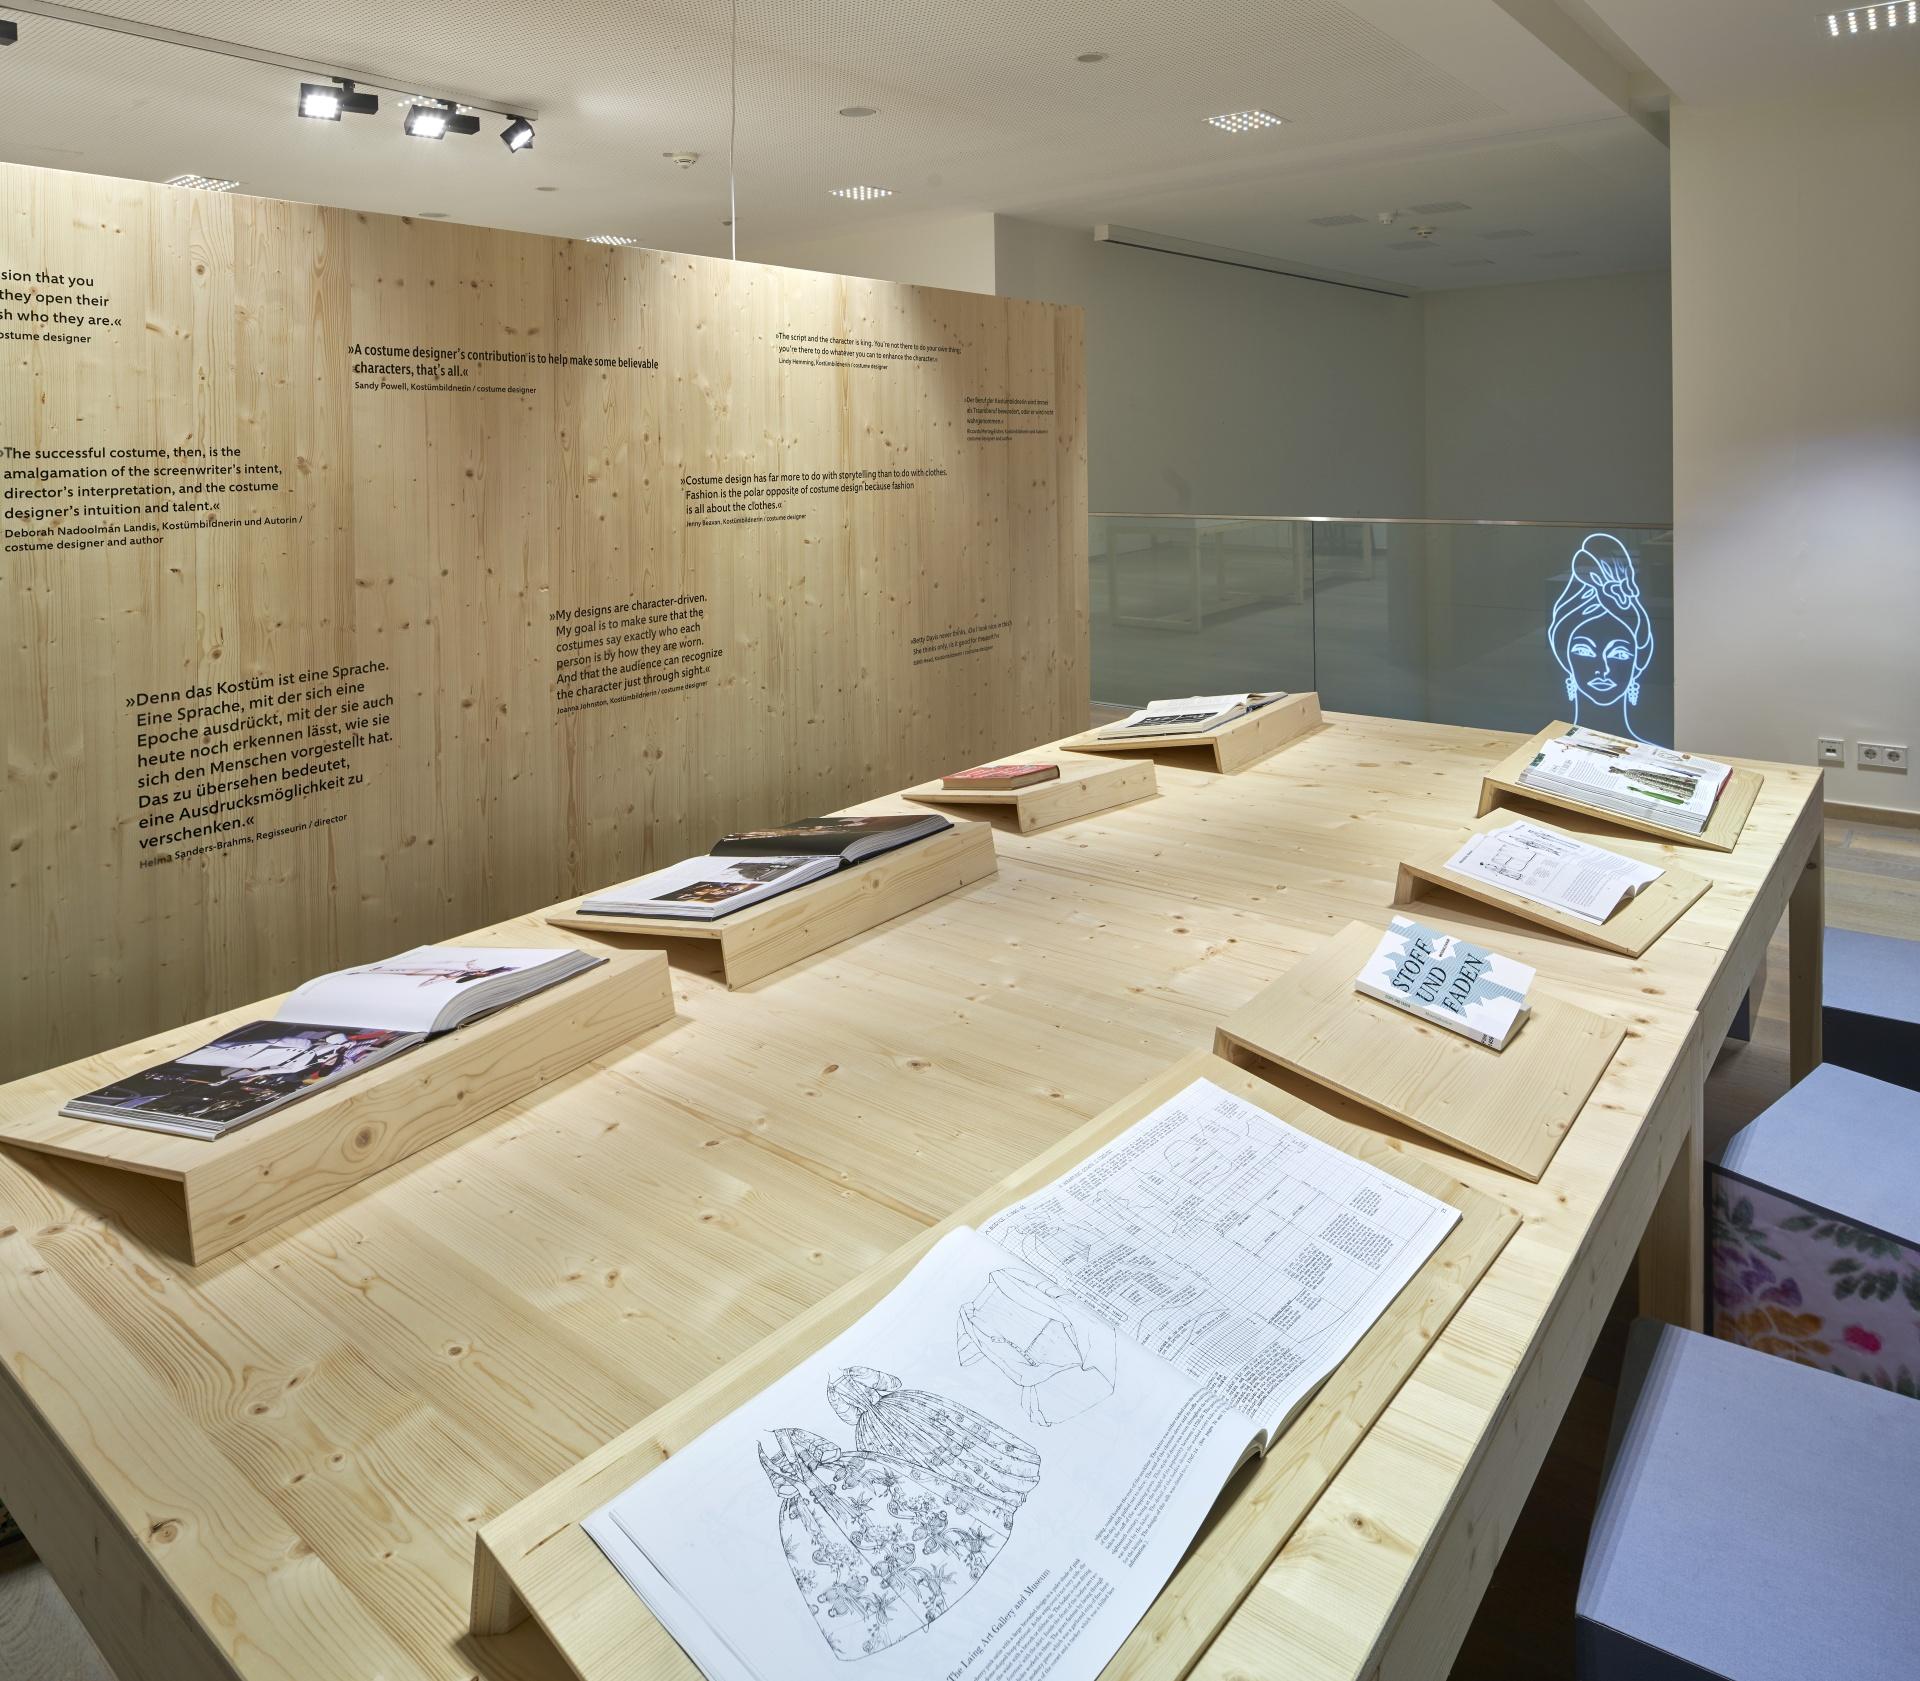 Holztisch mit Büchern